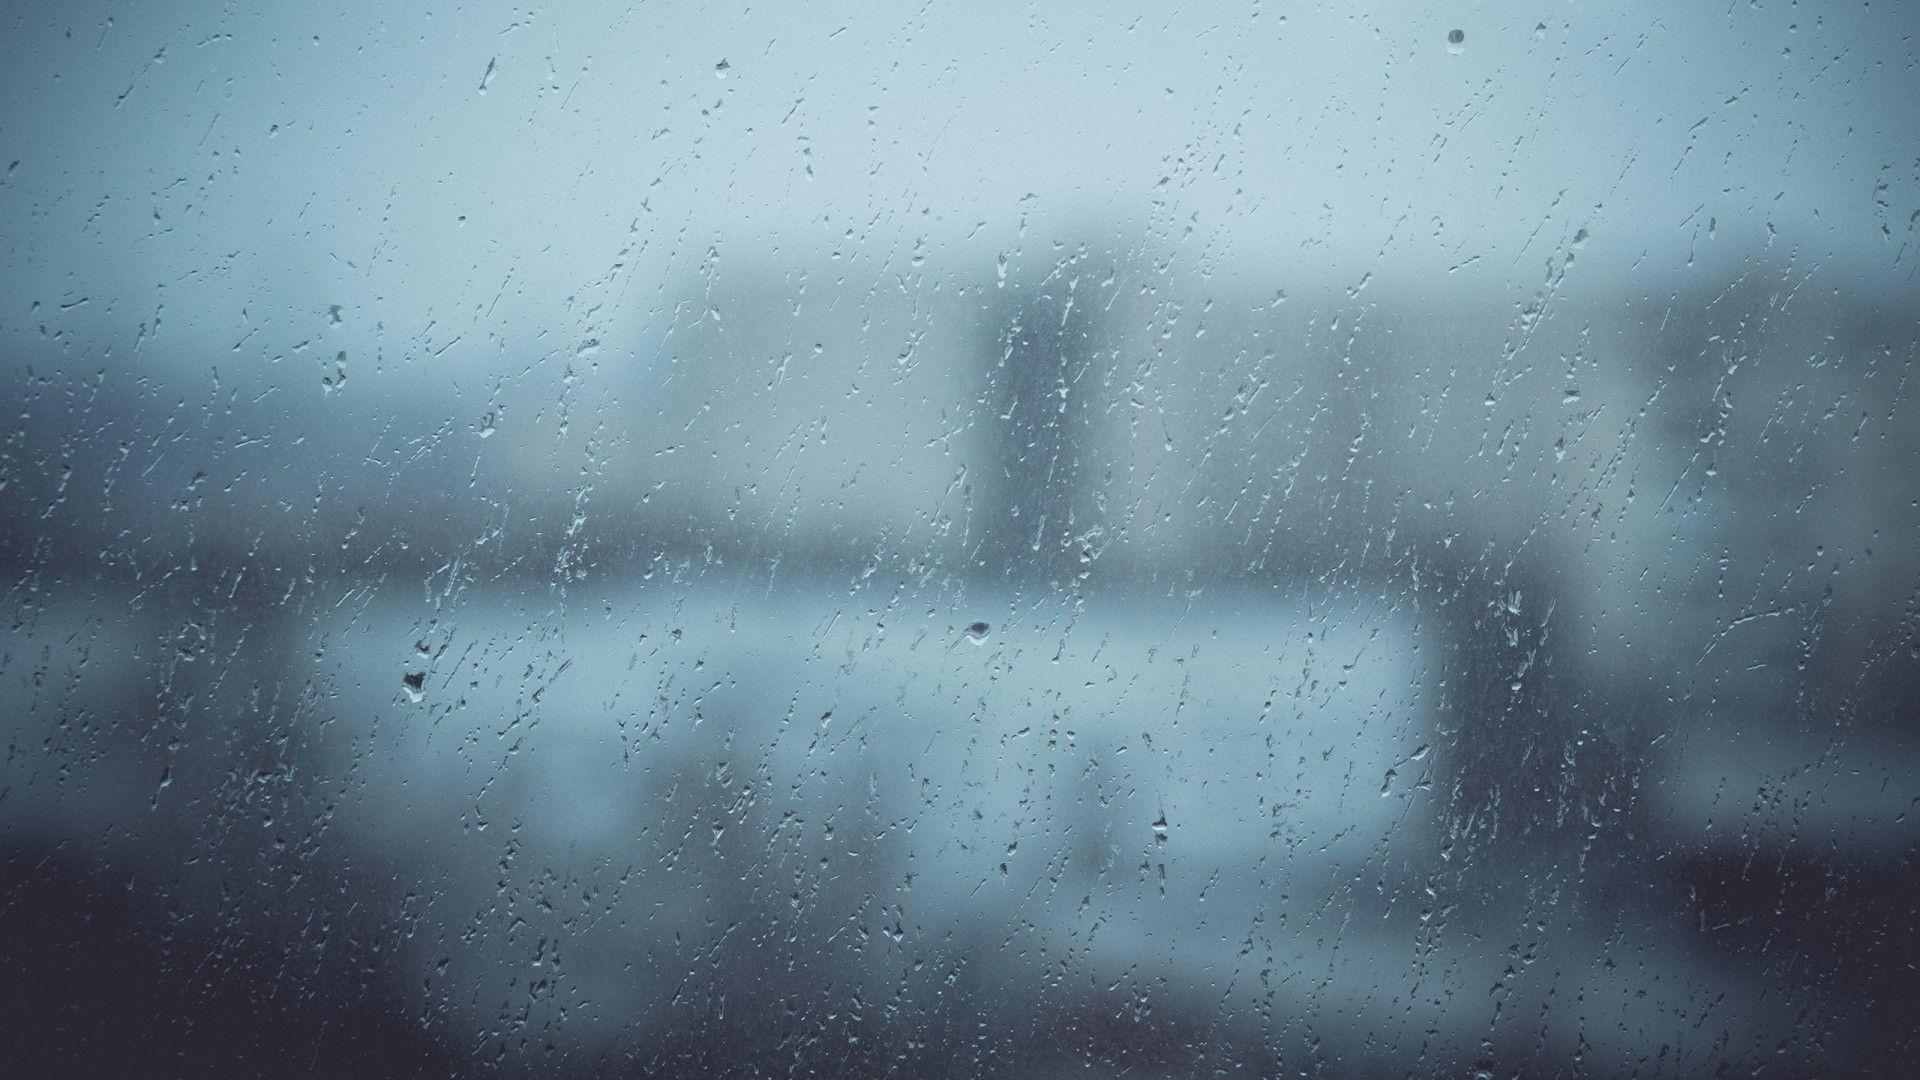 hacker wallpapers rainy day - photo #15